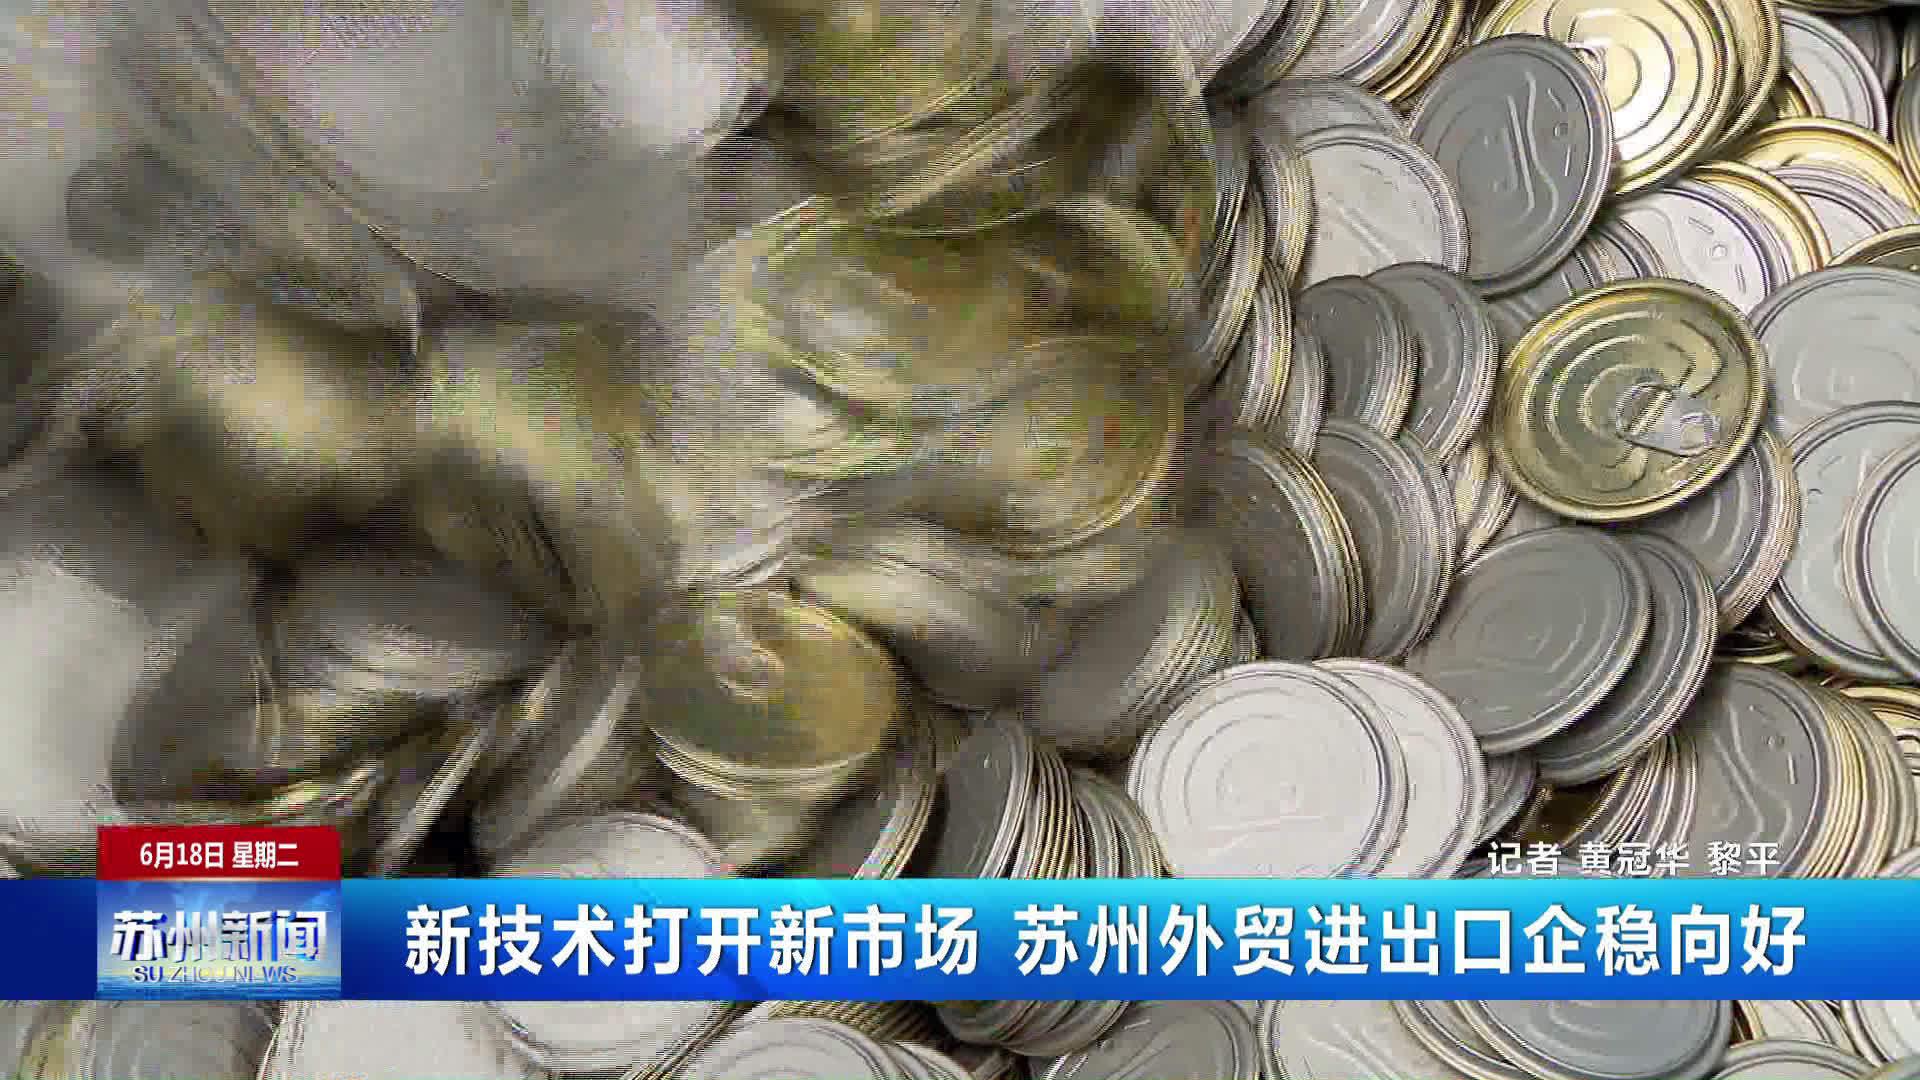 新技术打开新市场 苏州外贸进出口企稳向好